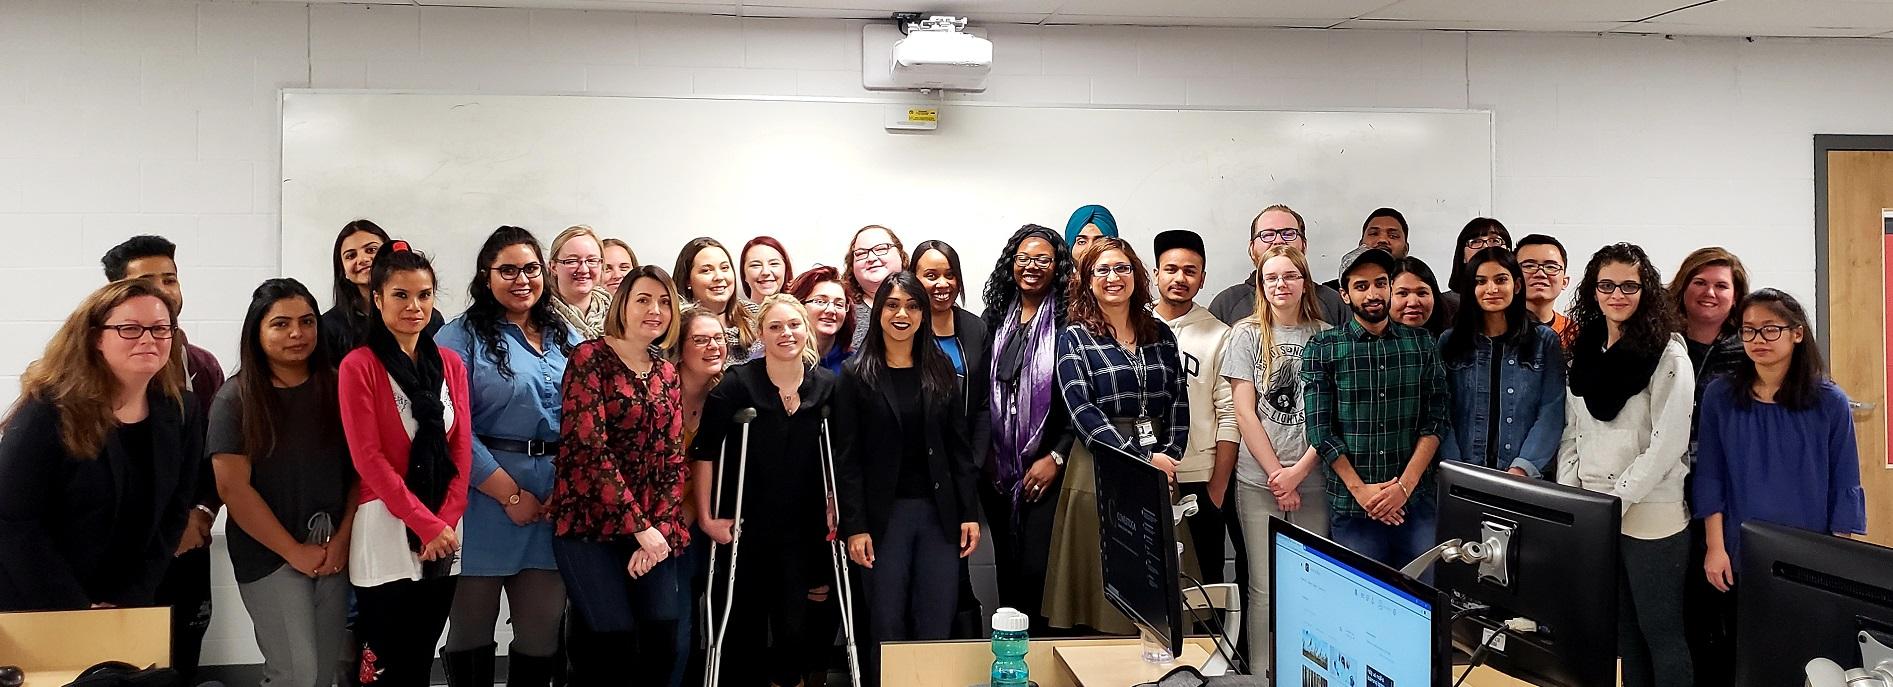 Conestoga College - MP Chagger visit - 2019.jpg